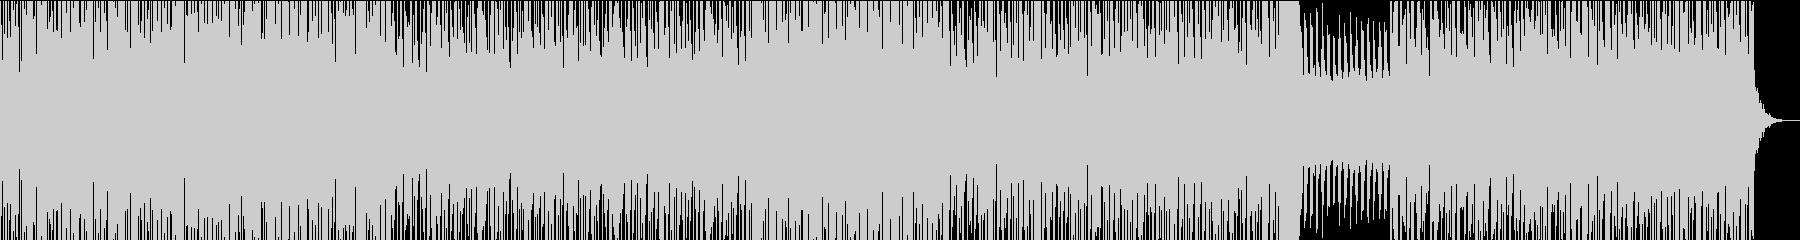 和風の三味線テクノROCKの未再生の波形